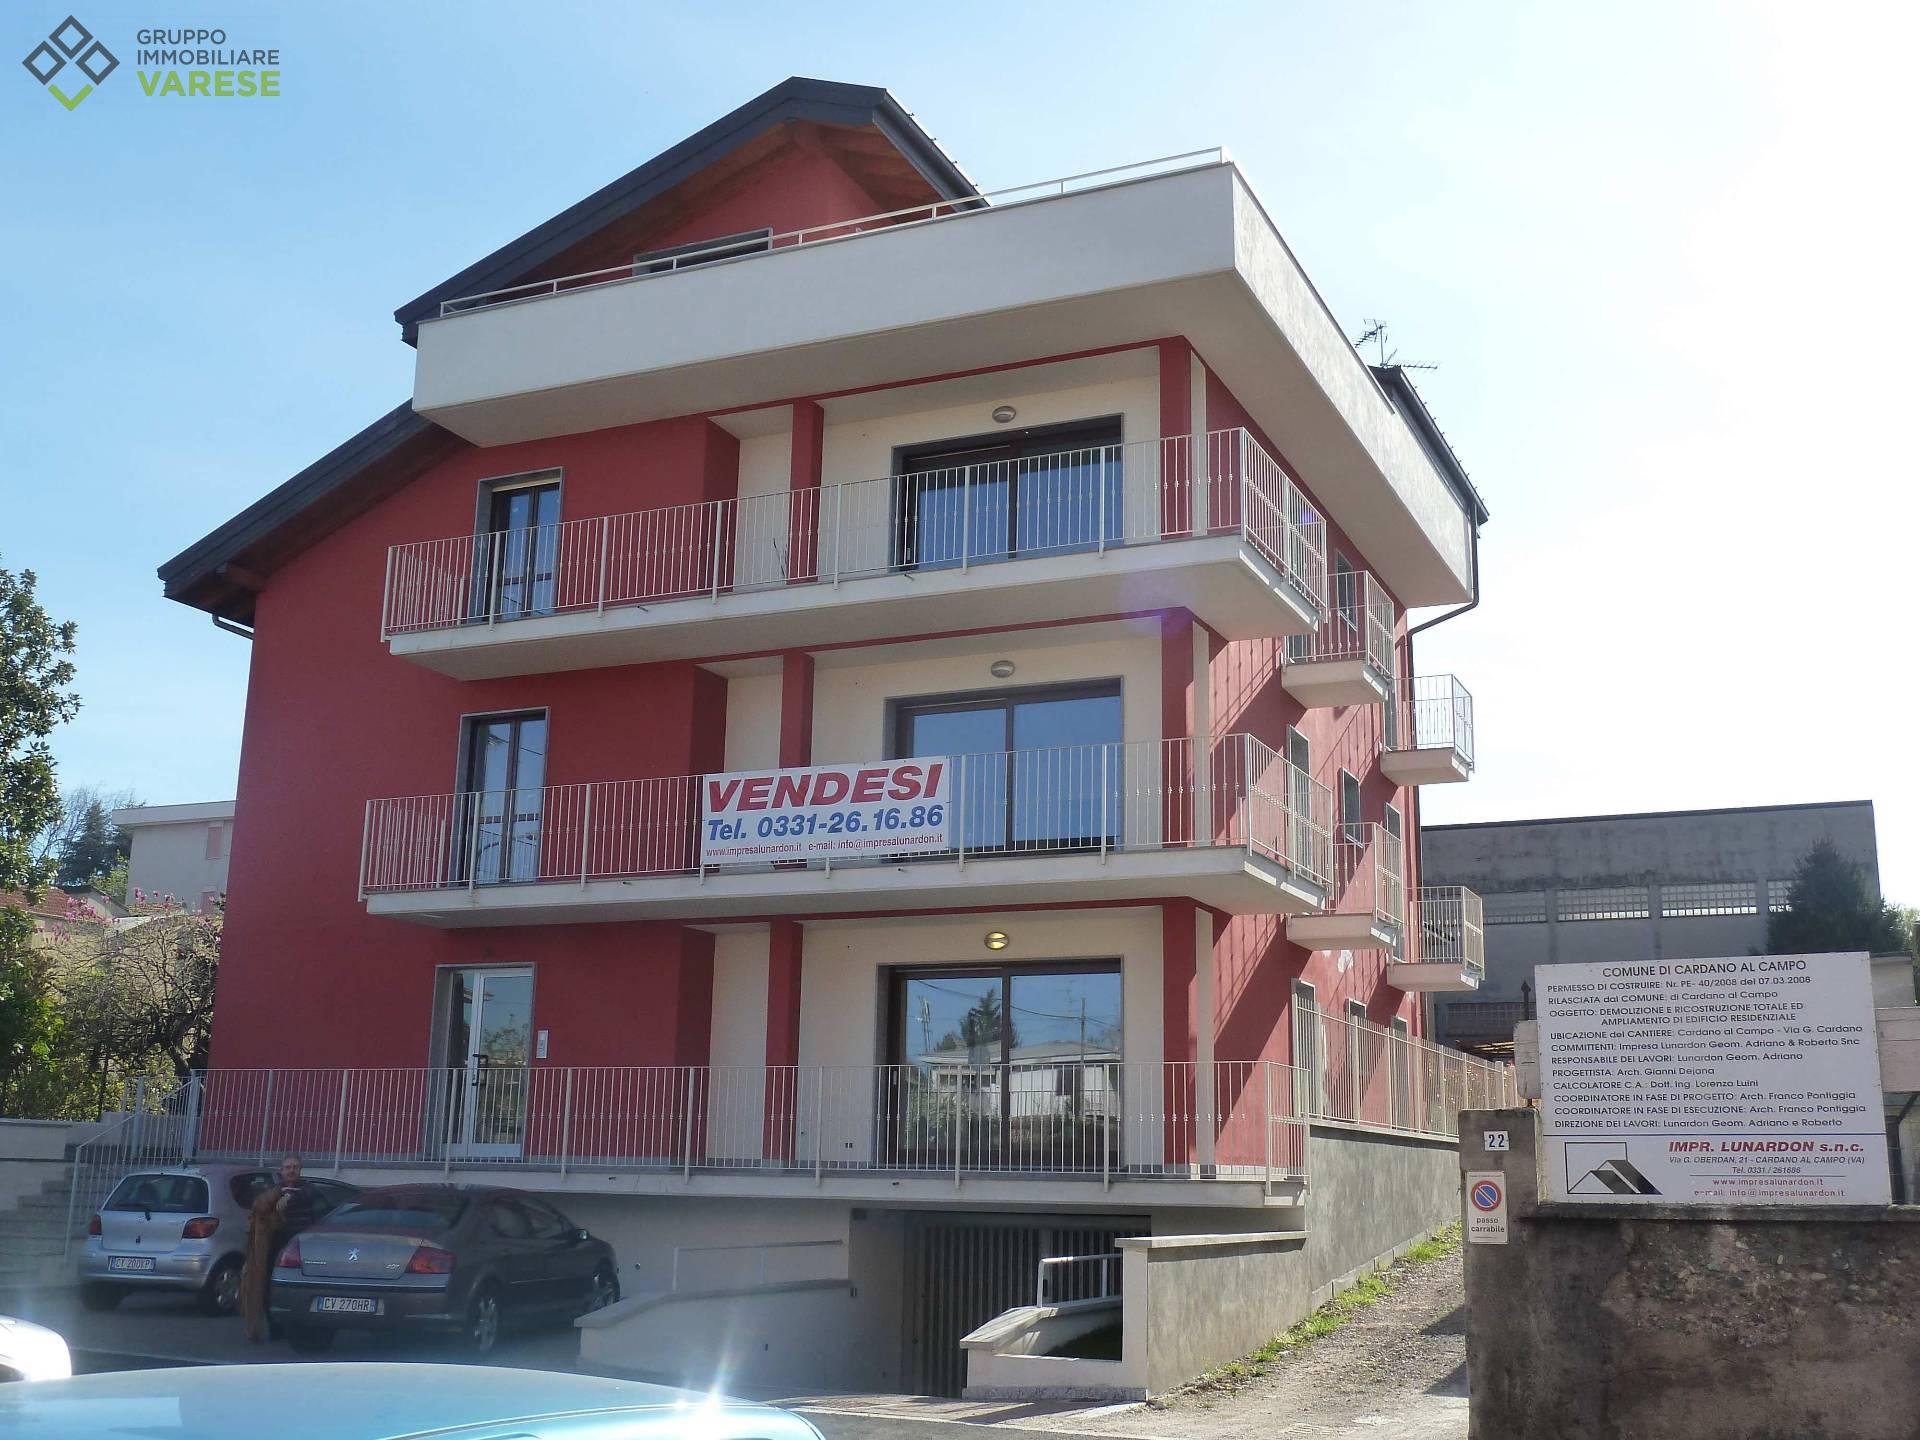 Attico / Mansarda in vendita a Cardano al Campo, 4 locali, prezzo € 495.000 | CambioCasa.it